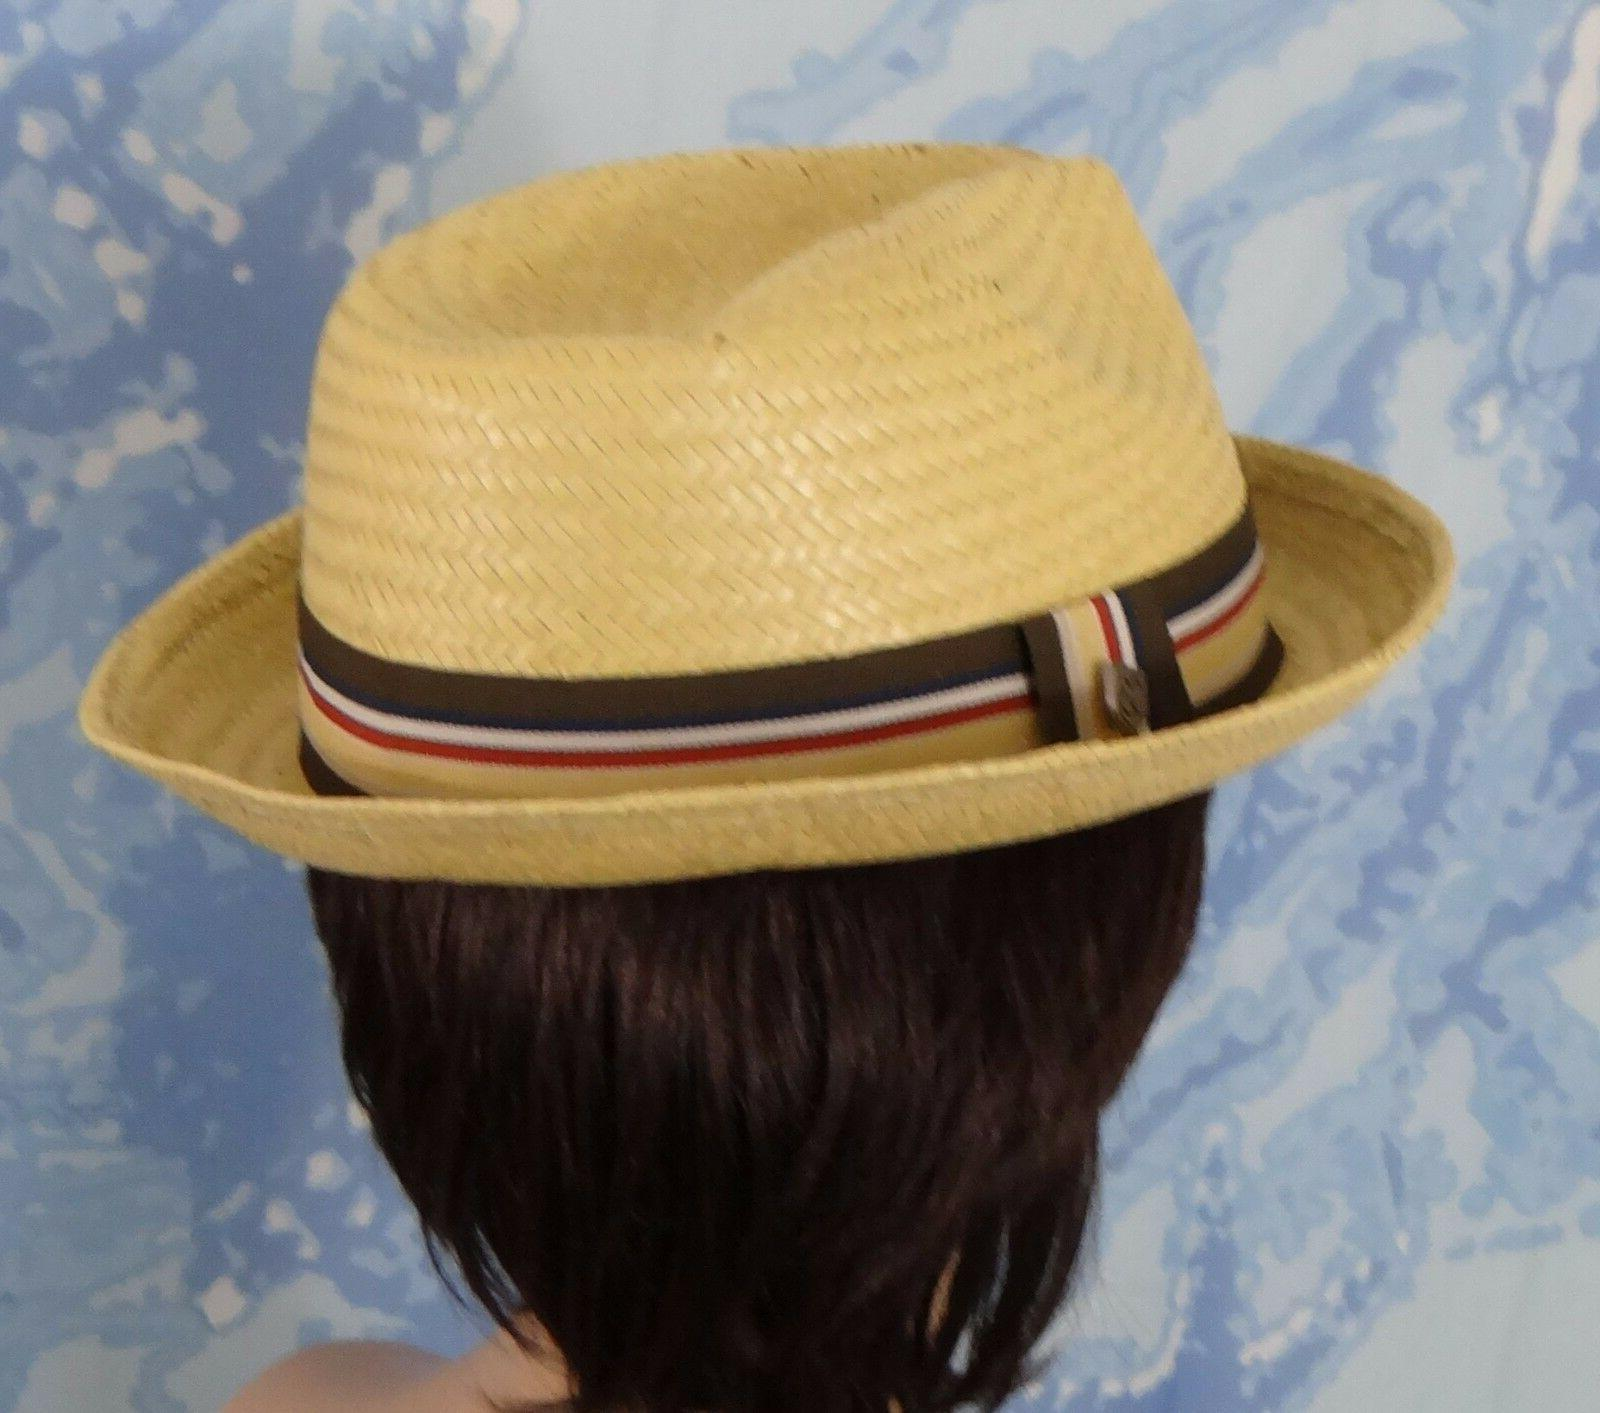 NWT Brixton straw Hat, size